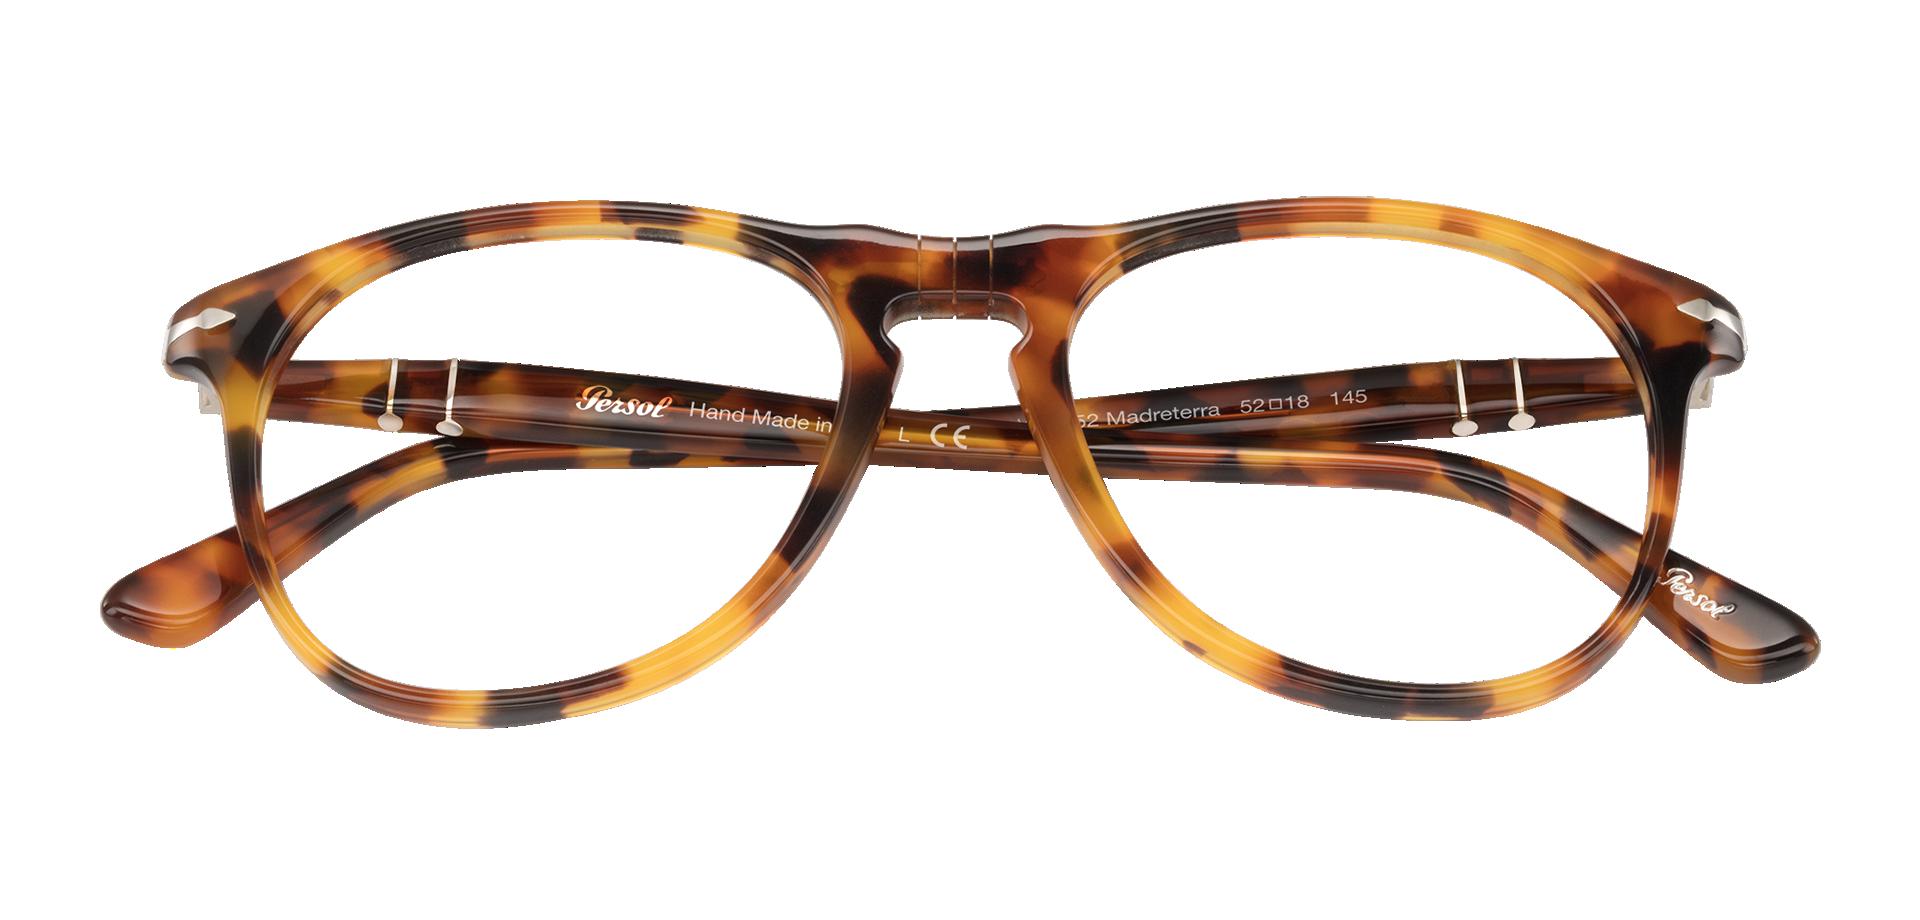 d9f86e9671 Persol Brillen und Optikartikel